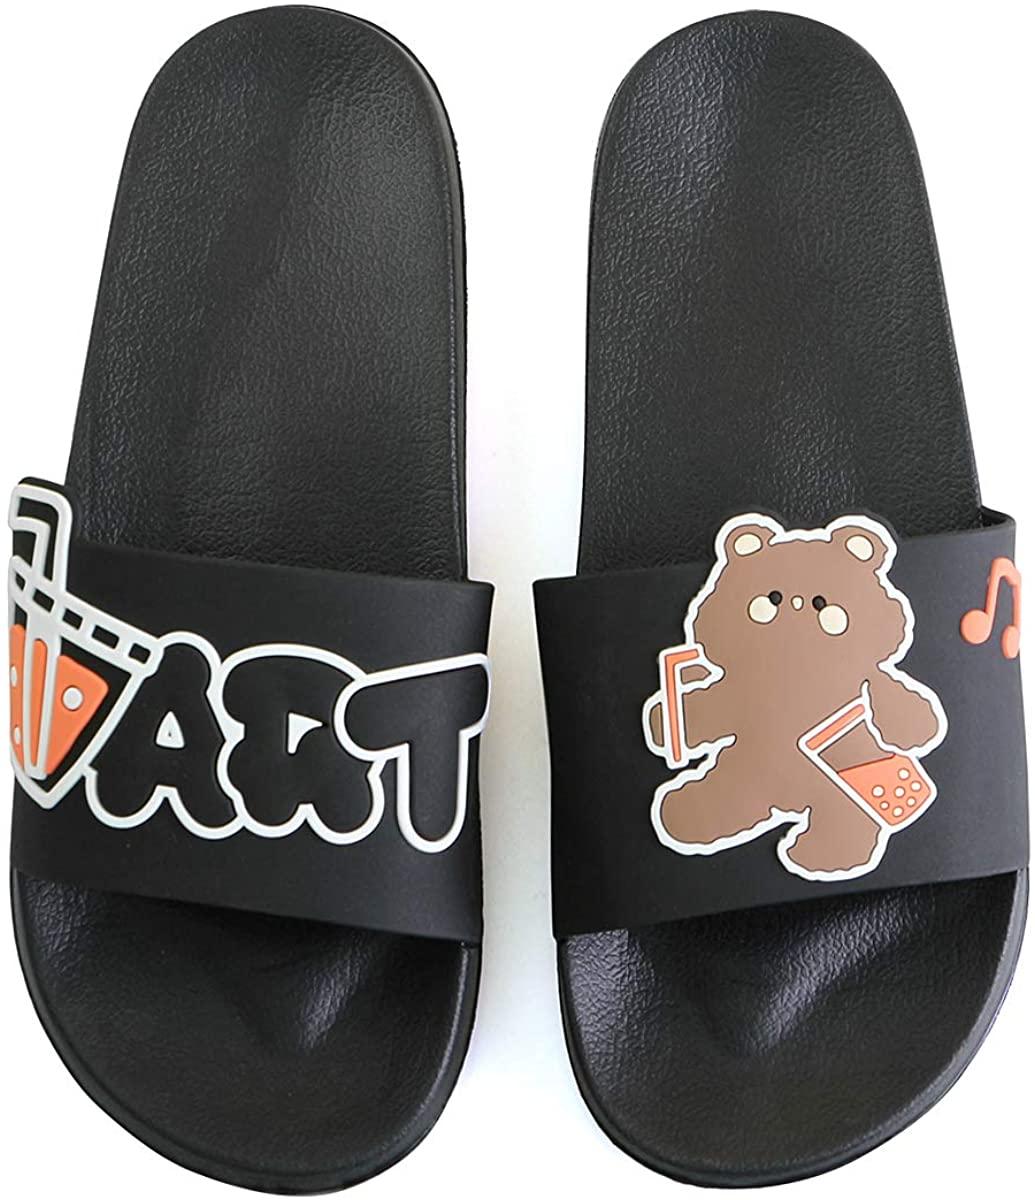 WYSFLY Slip On Slippers for Women Men Summer Non-Slip Sliders